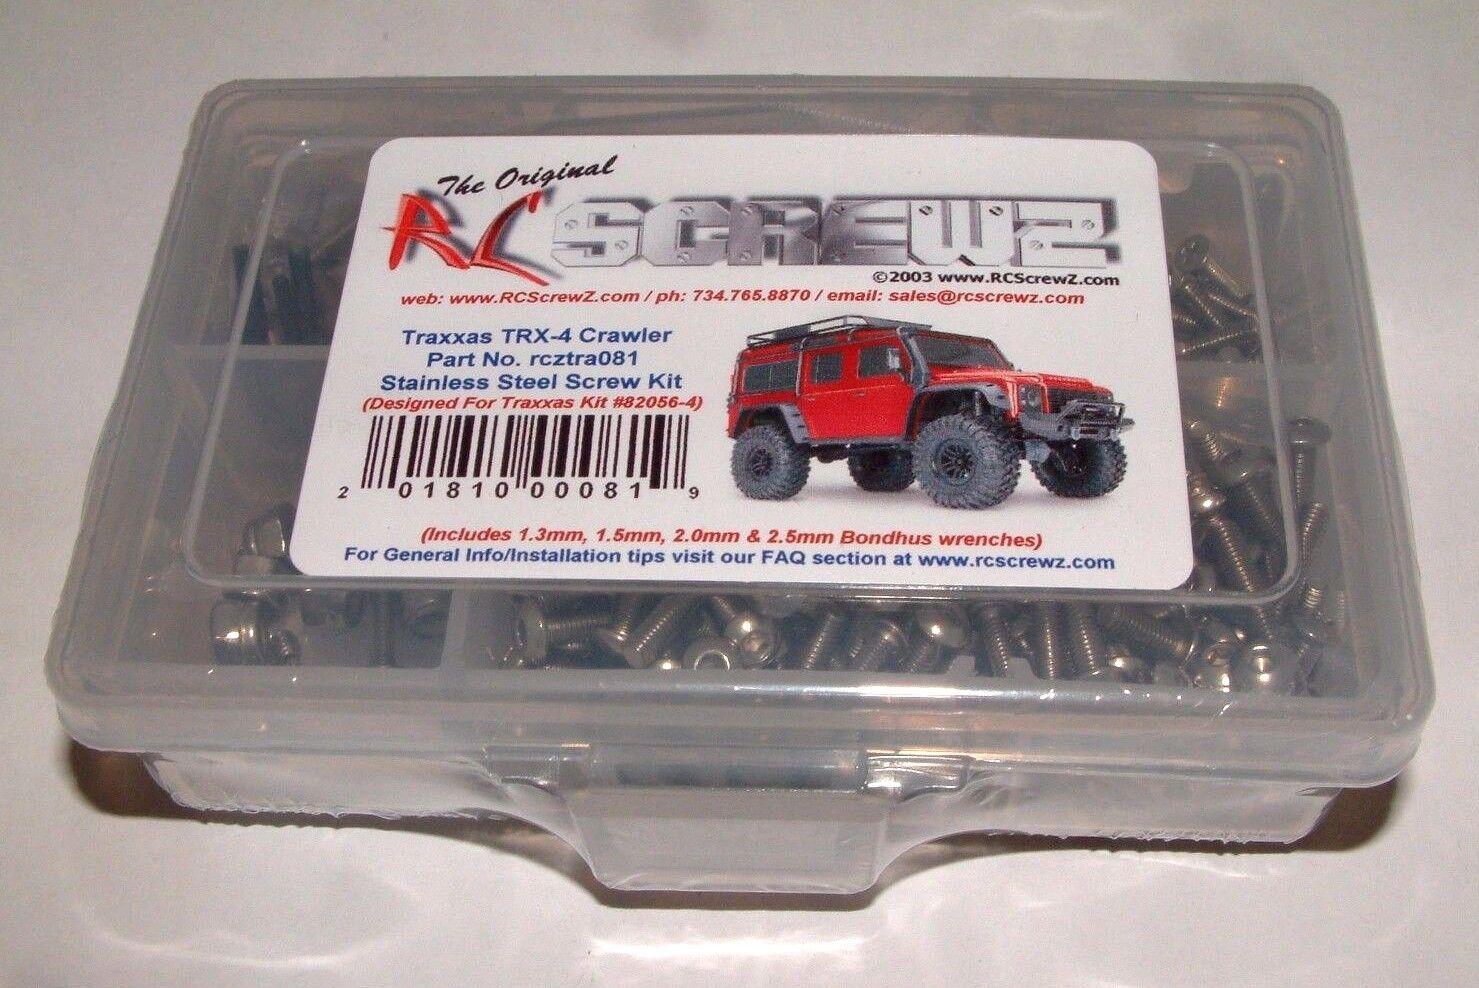 TRAXXAS TRX-4 RC SCREWZ STAINLESS STEEL SCREW SET TRA081